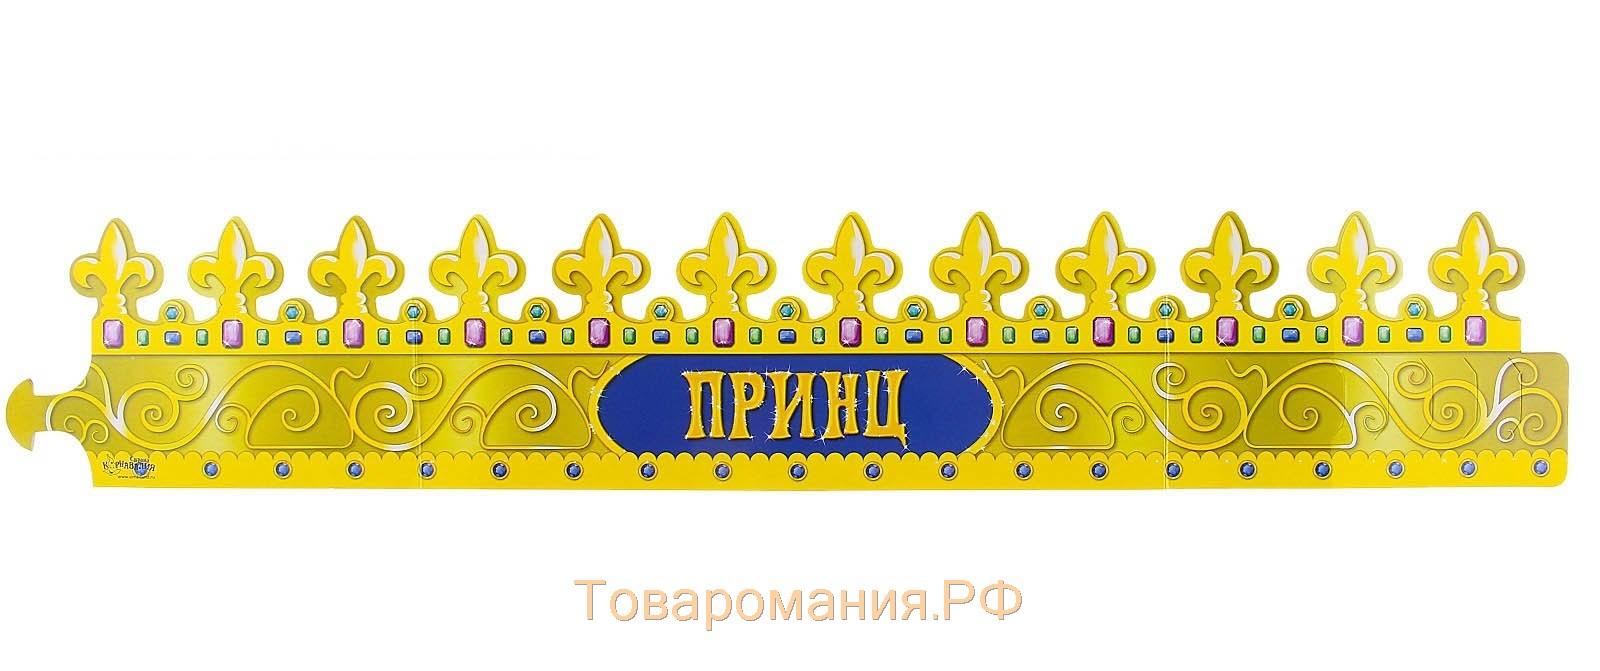 Как сделать корону для принца своими руками